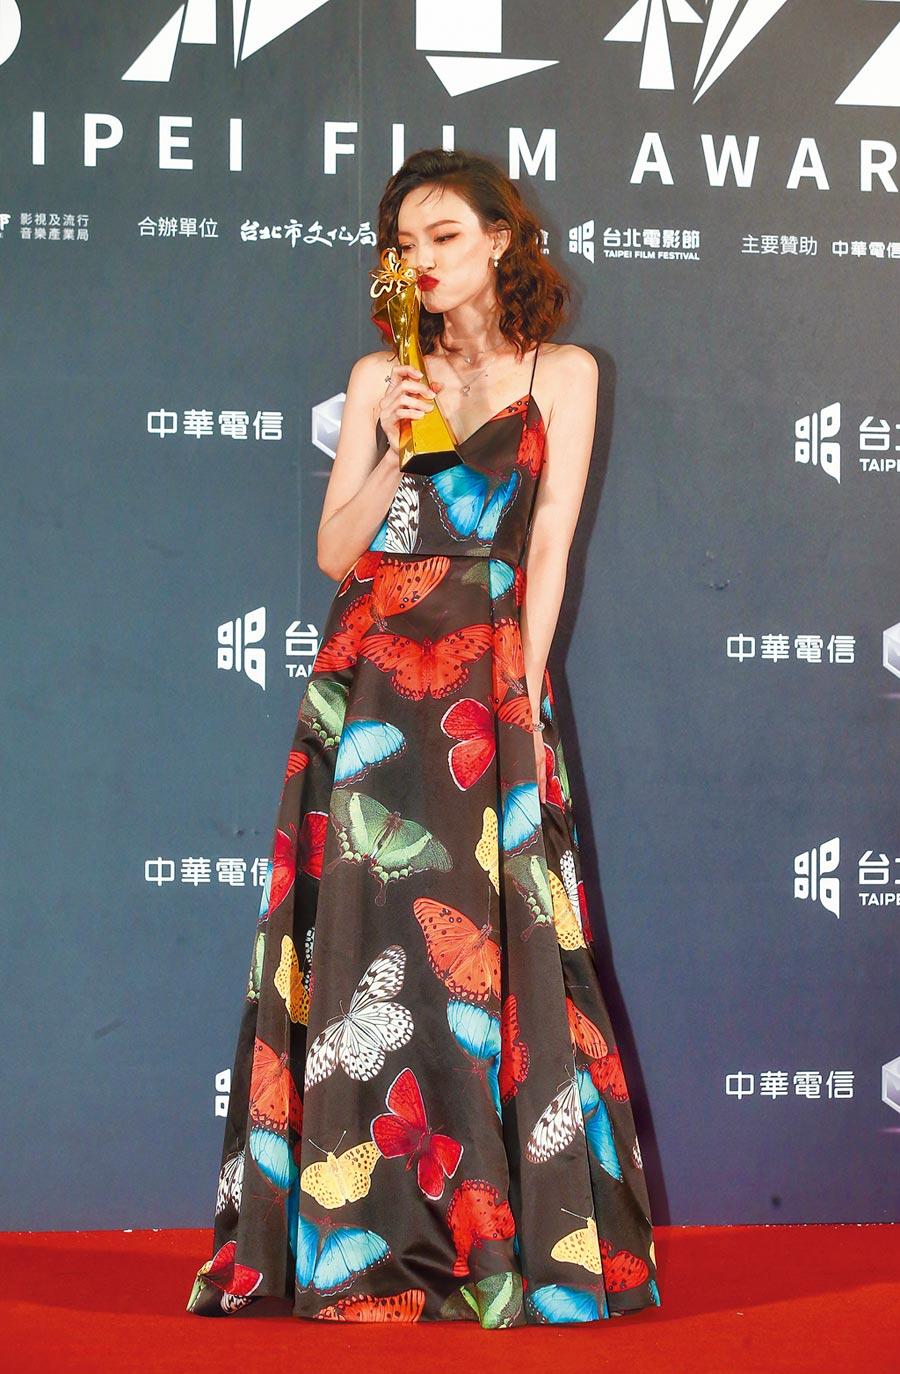 姚以緹首次演喜劇《江湖無難事》,拿下北影最佳女配角獎。(影視攝影組攝)